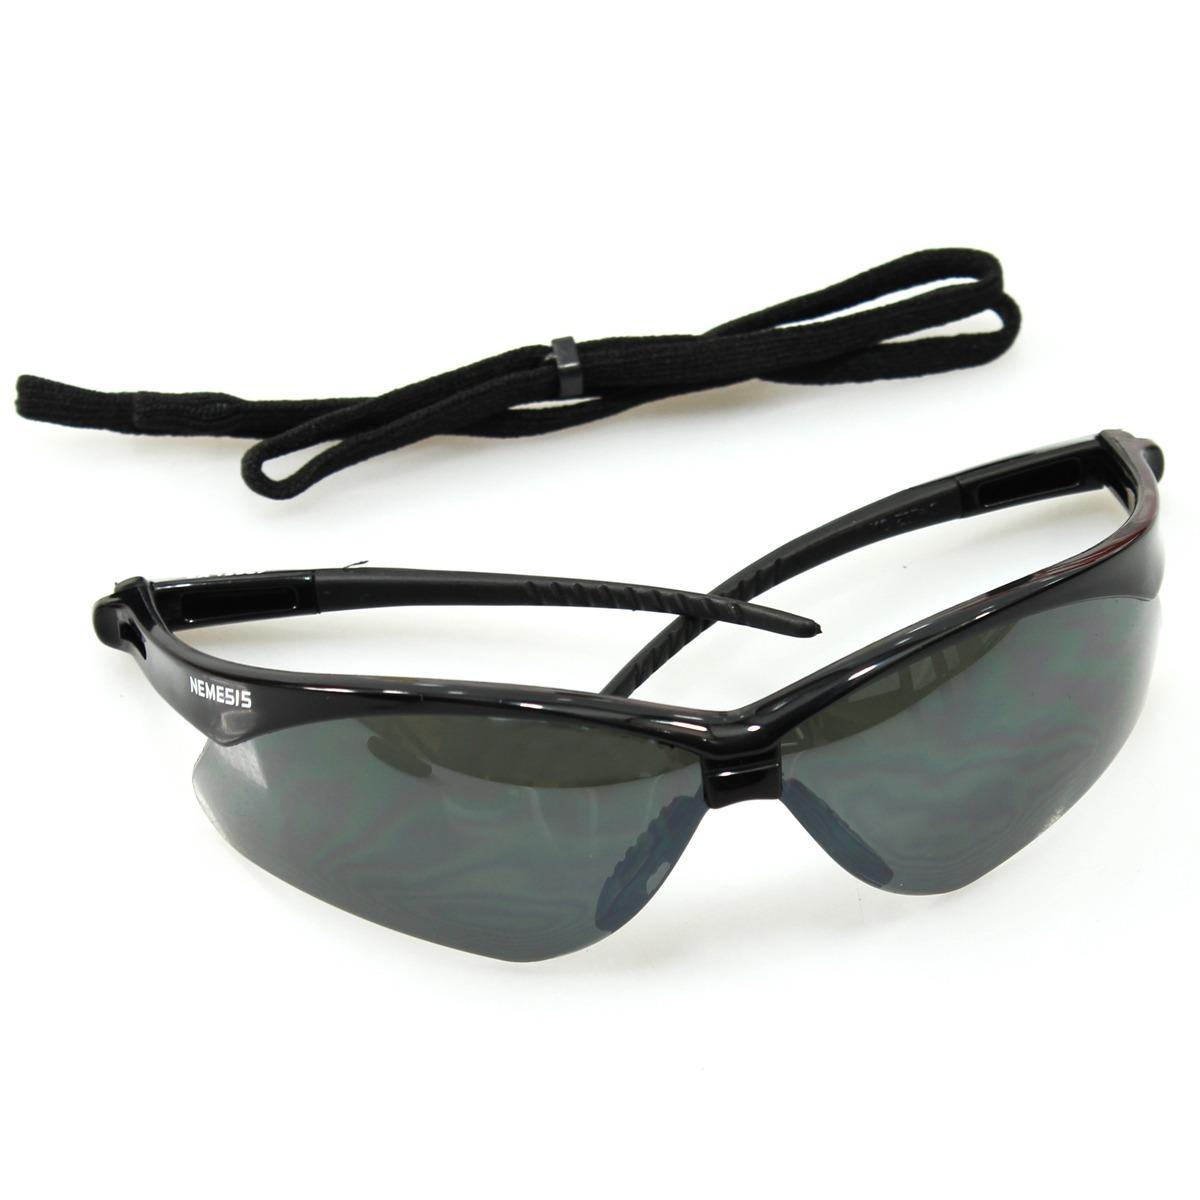 93333b53fca04 Óculos De Proteção Nemesis Lente Fumê 41756 - R  47,00 em Mercado Livre